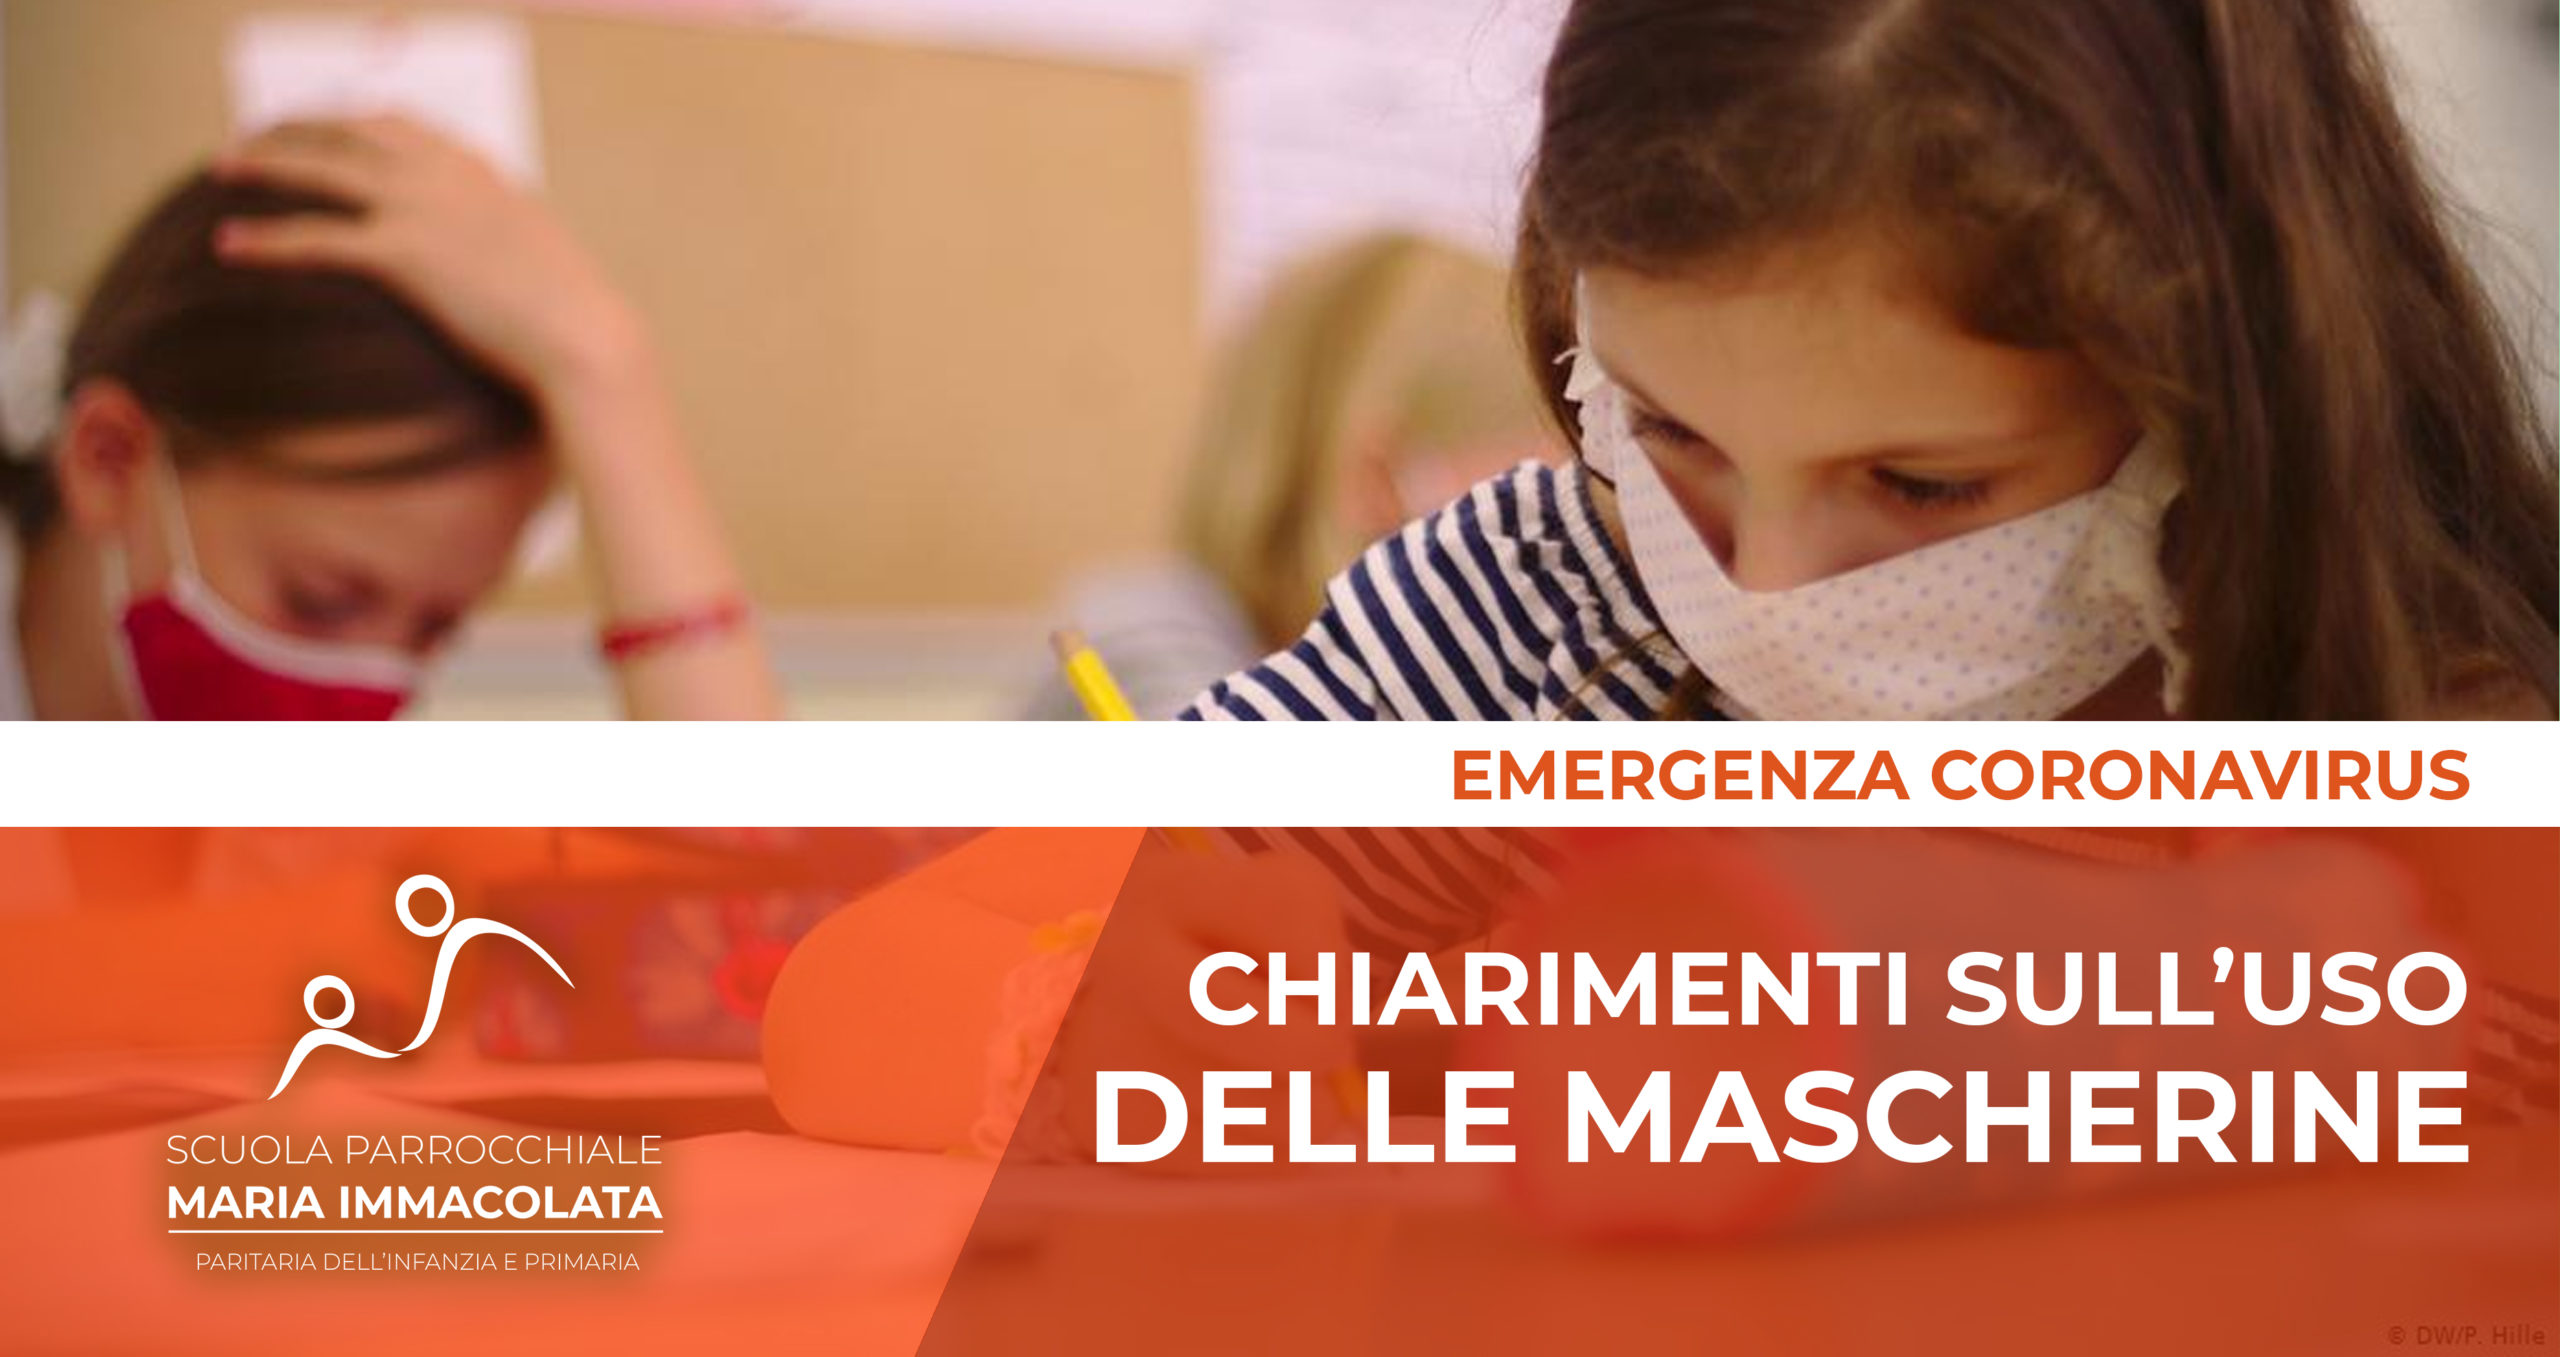 Chiarimenti del ministero sull'uso delle mascherine nella Scuola Primaria